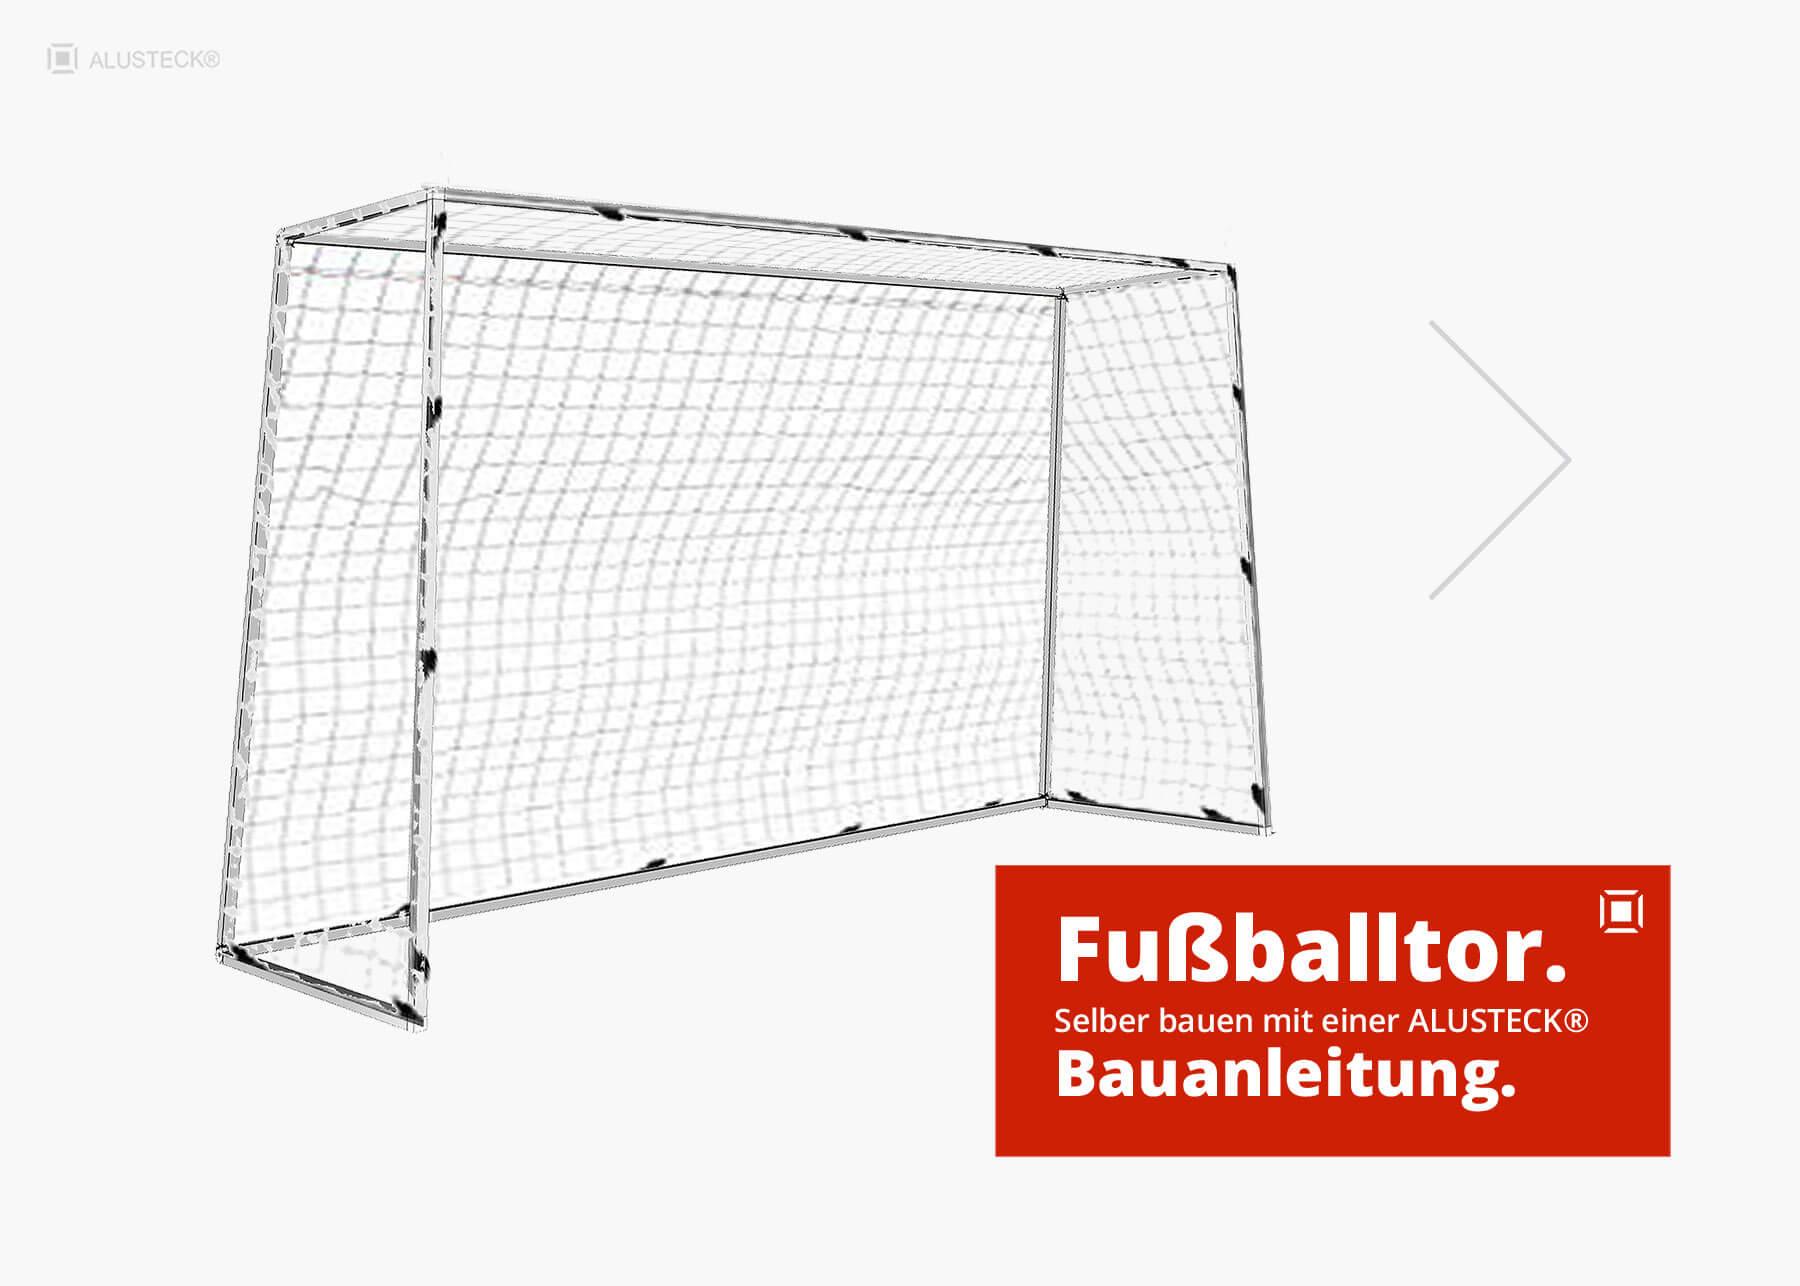 Fußballtor selber bauen - Bauanleitung mit Bauplan